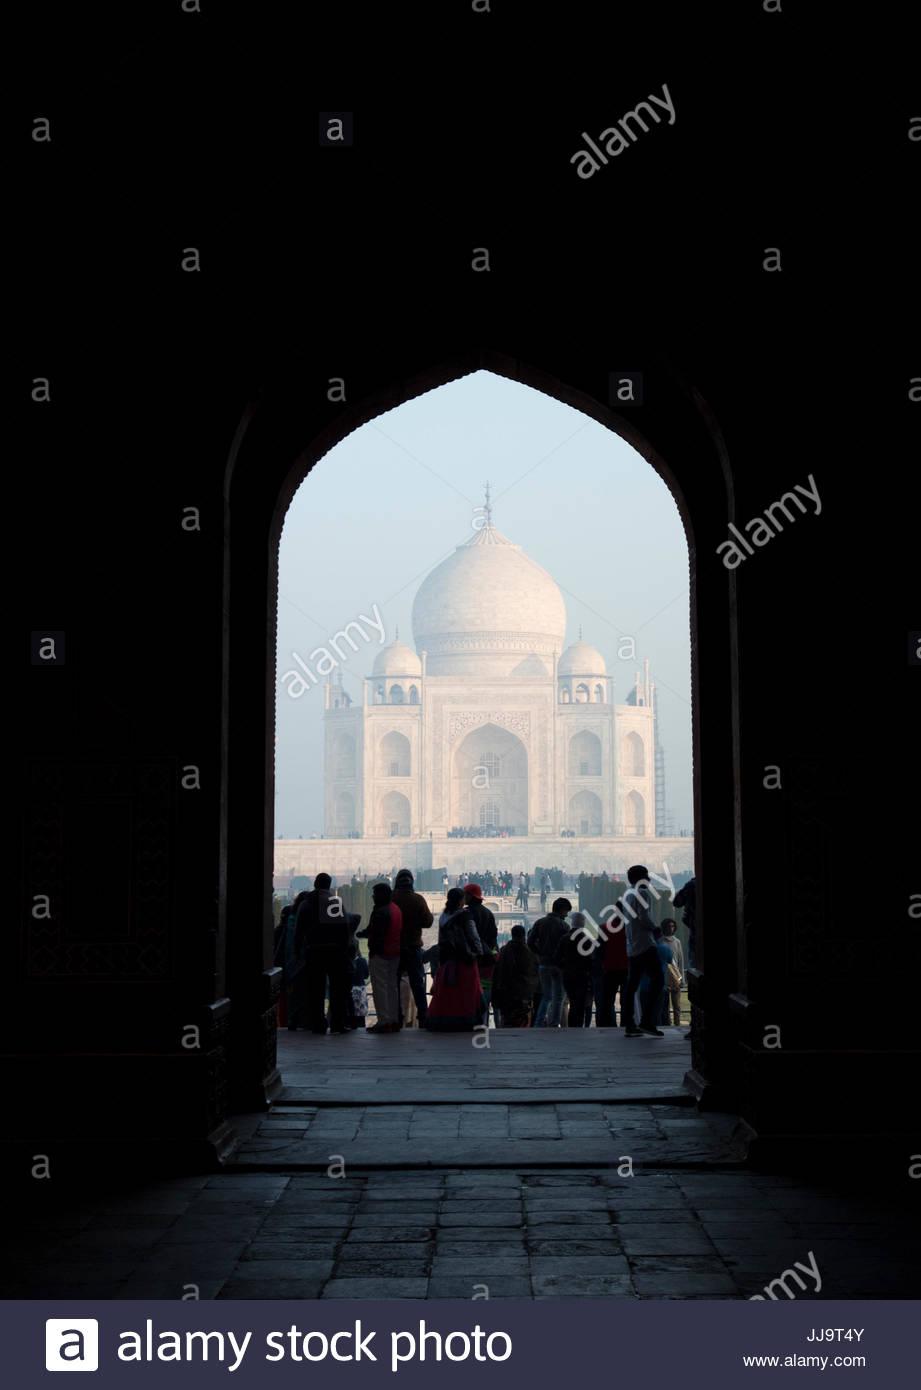 Menschen stehen am Eingang zum Taj Mahal in Agra, Indien. Stockbild